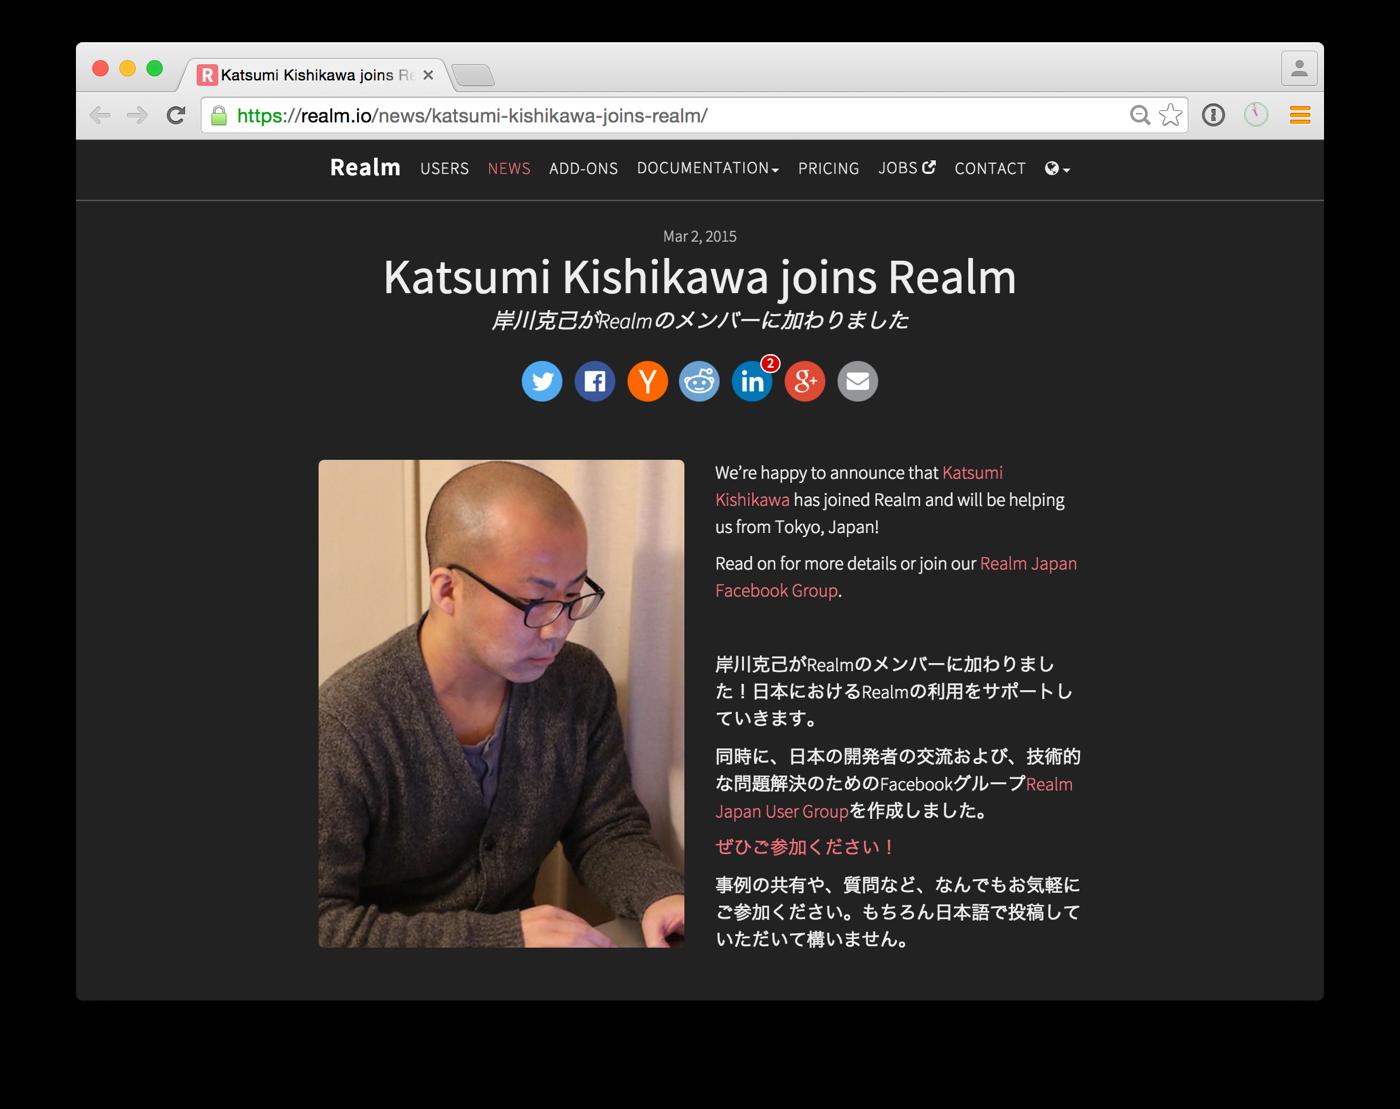 kishikawa-joined-realm